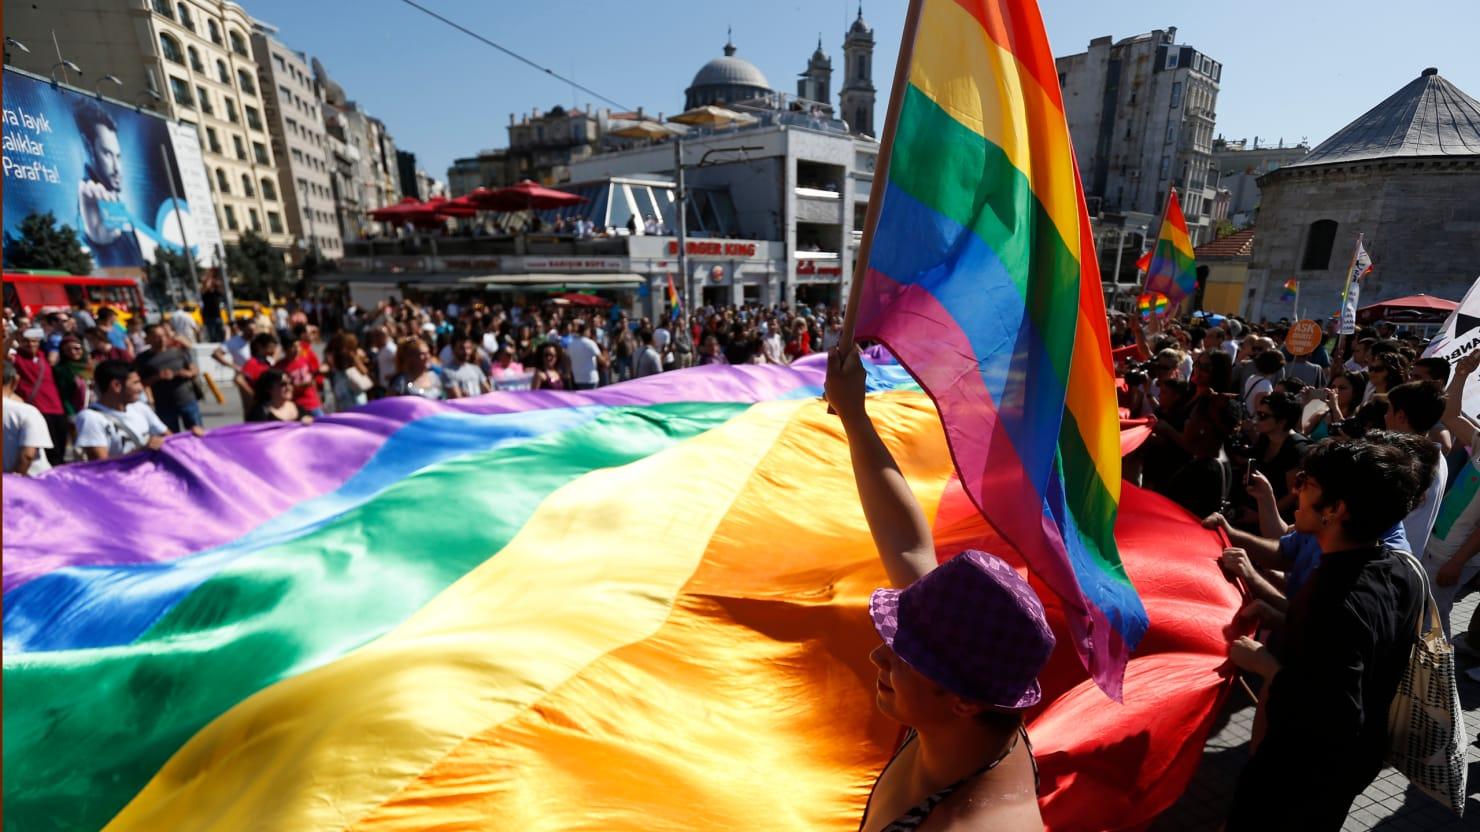 Türkiye'deki Heteroseksüelleri Değil De, Homofobik Eşcinselleri Eğitsek?!